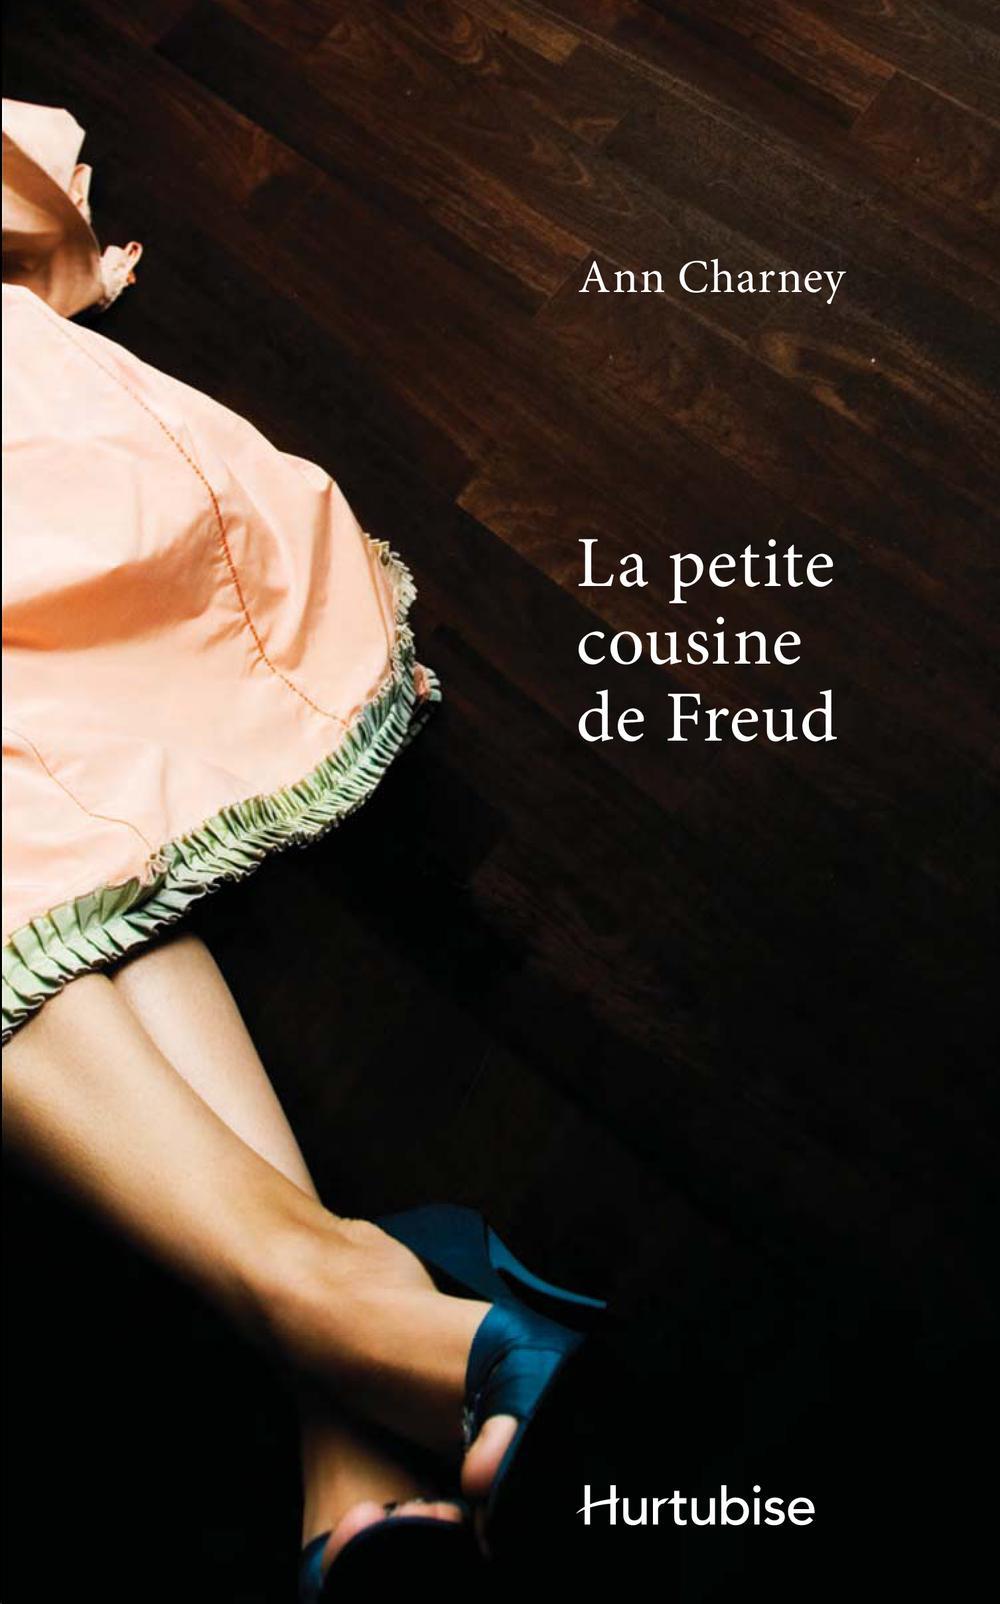 La petite cousine de Freud